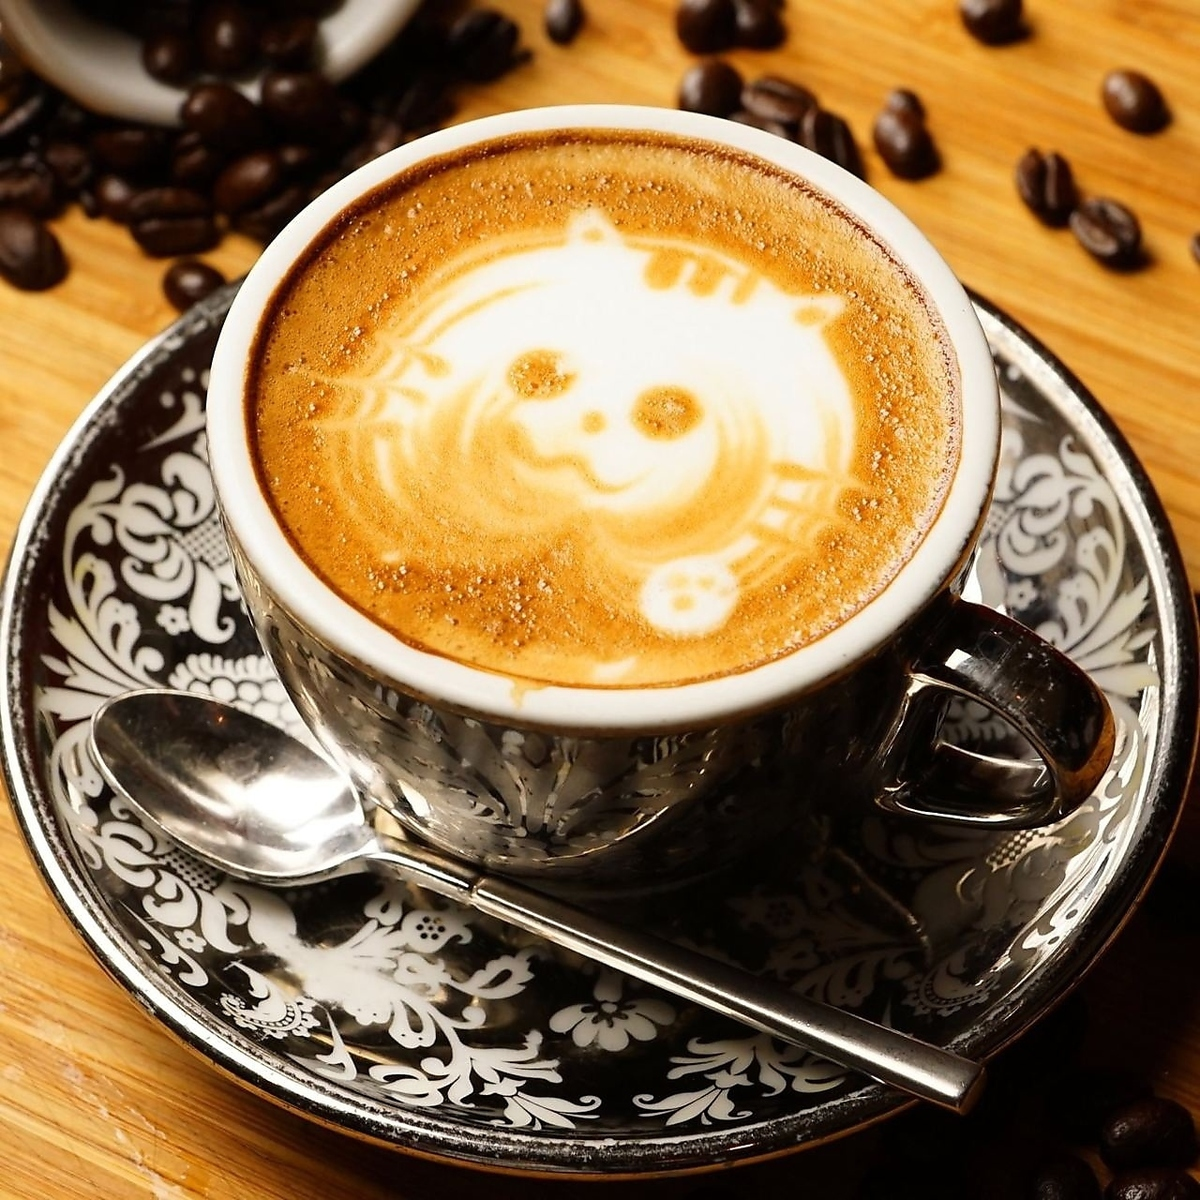 バリスタ特製のカフェラテ